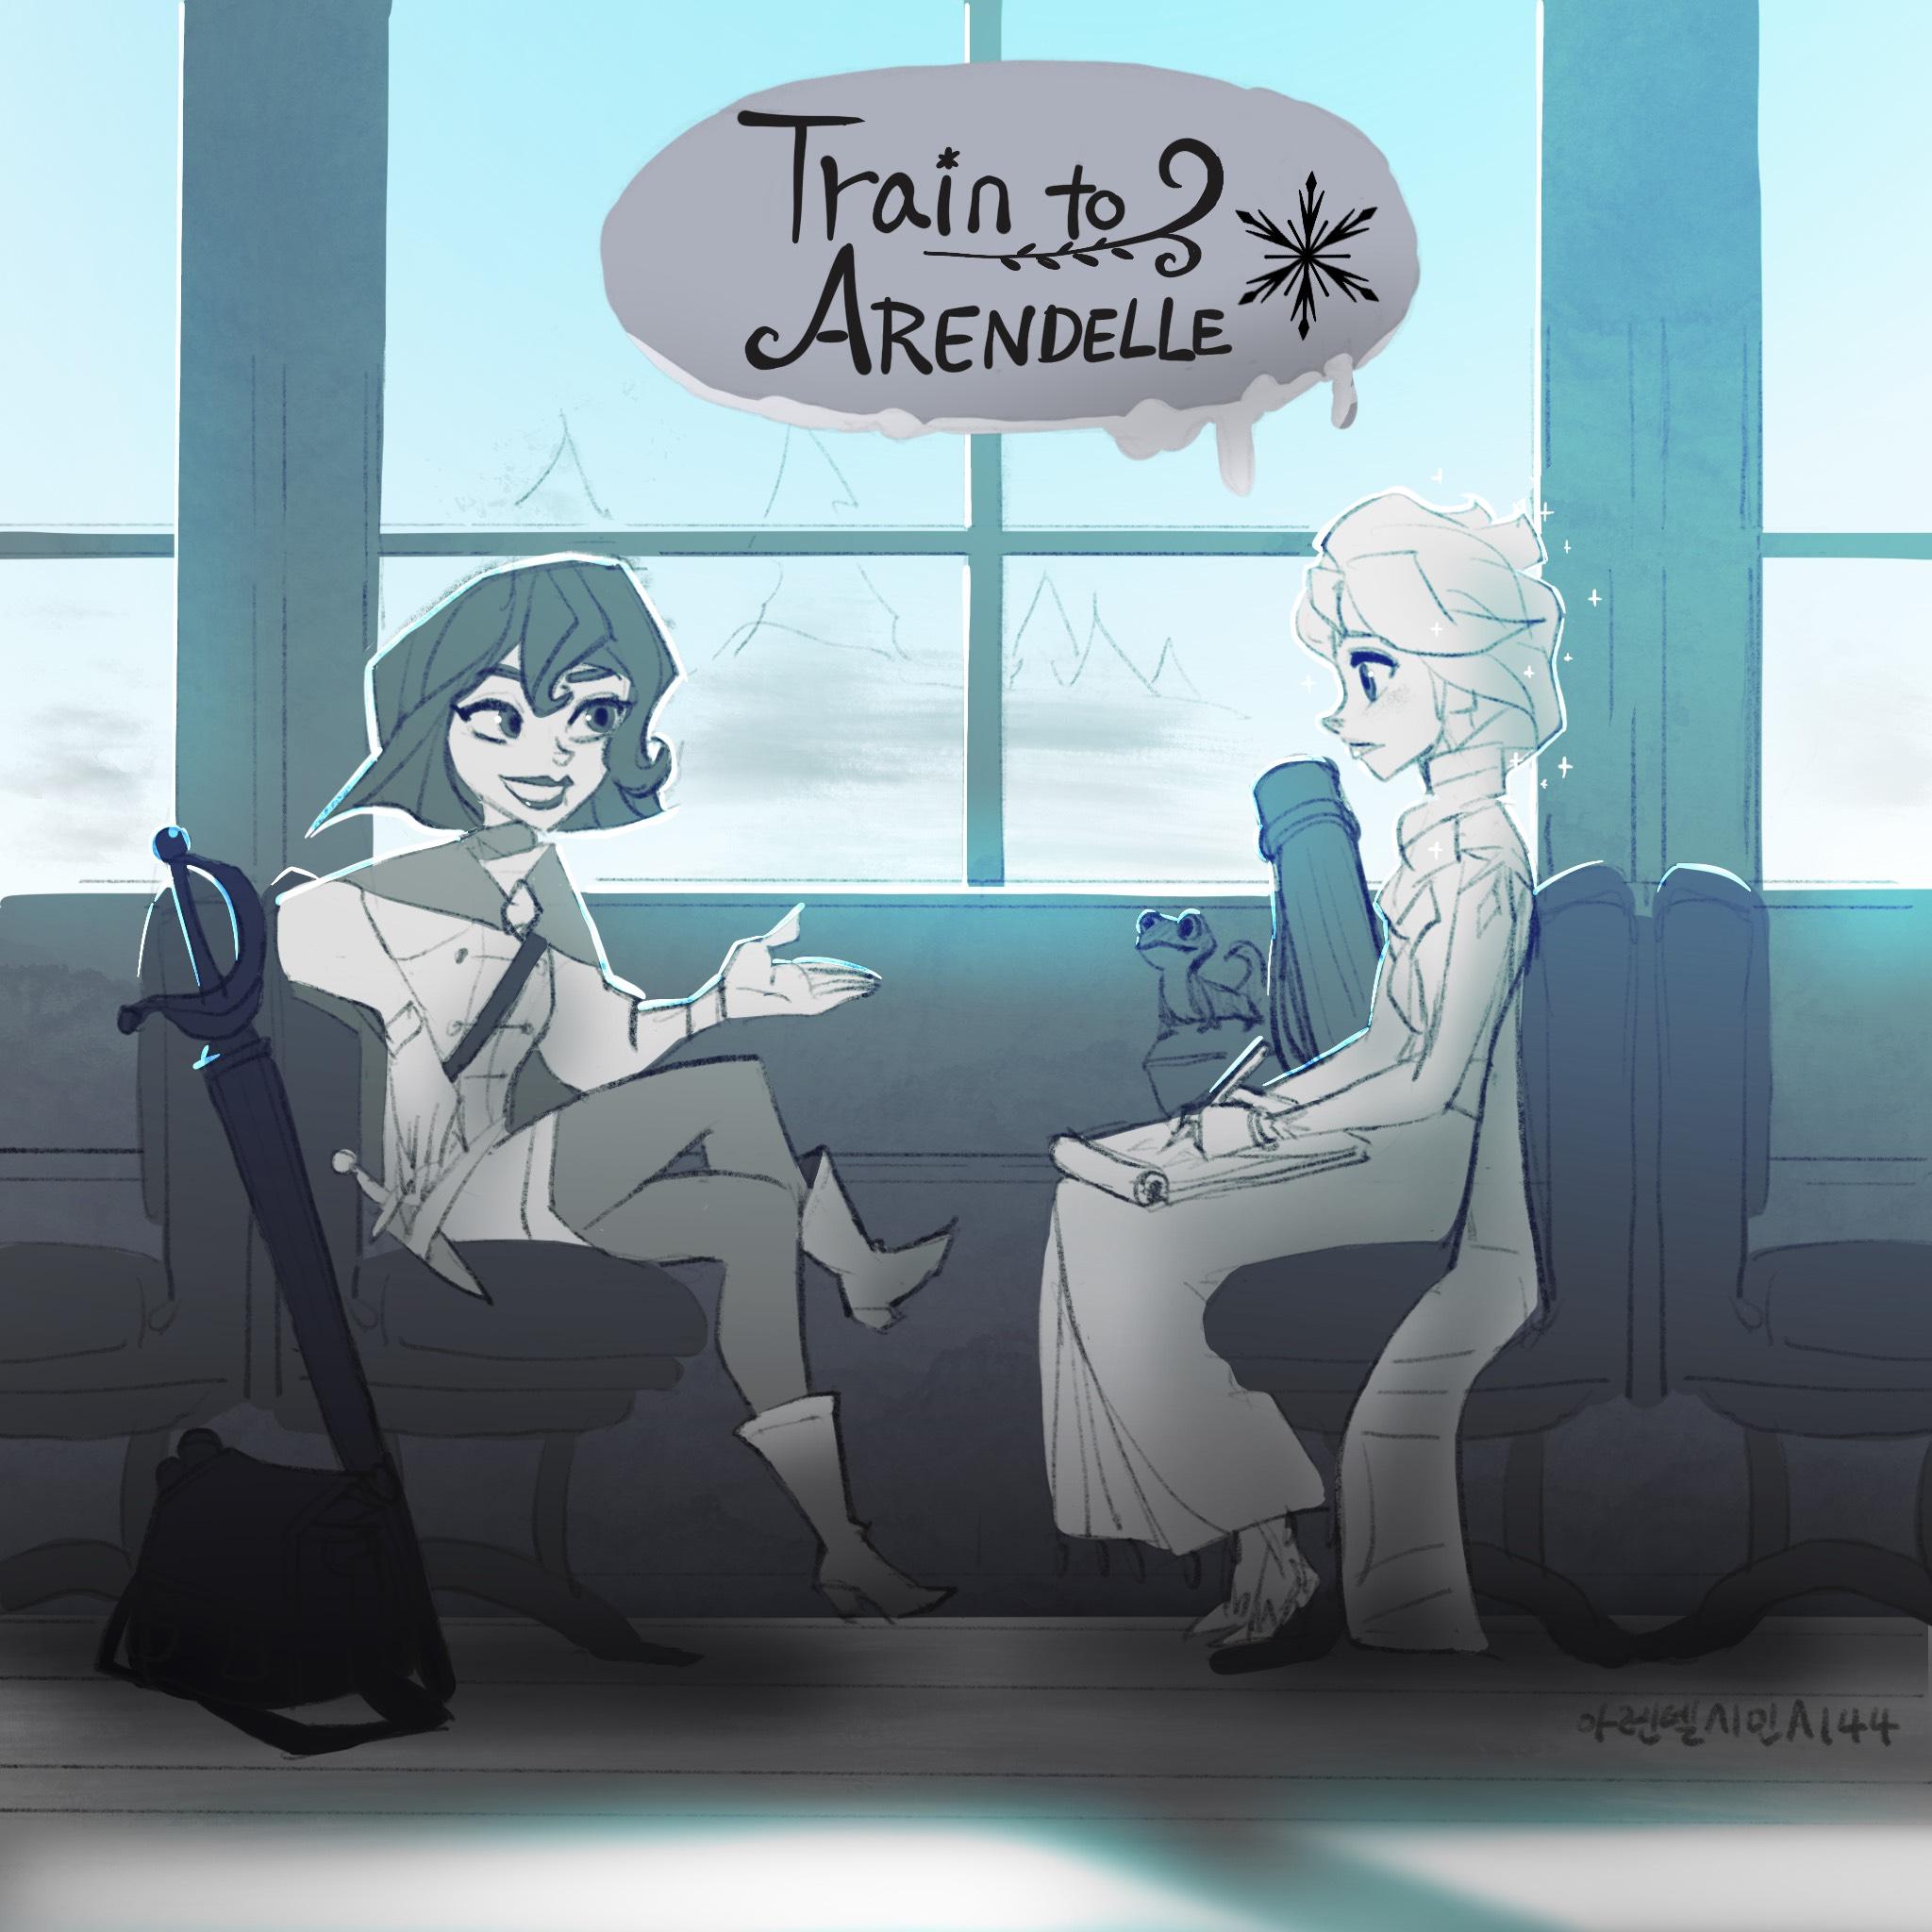 아렌델행 횡단열차